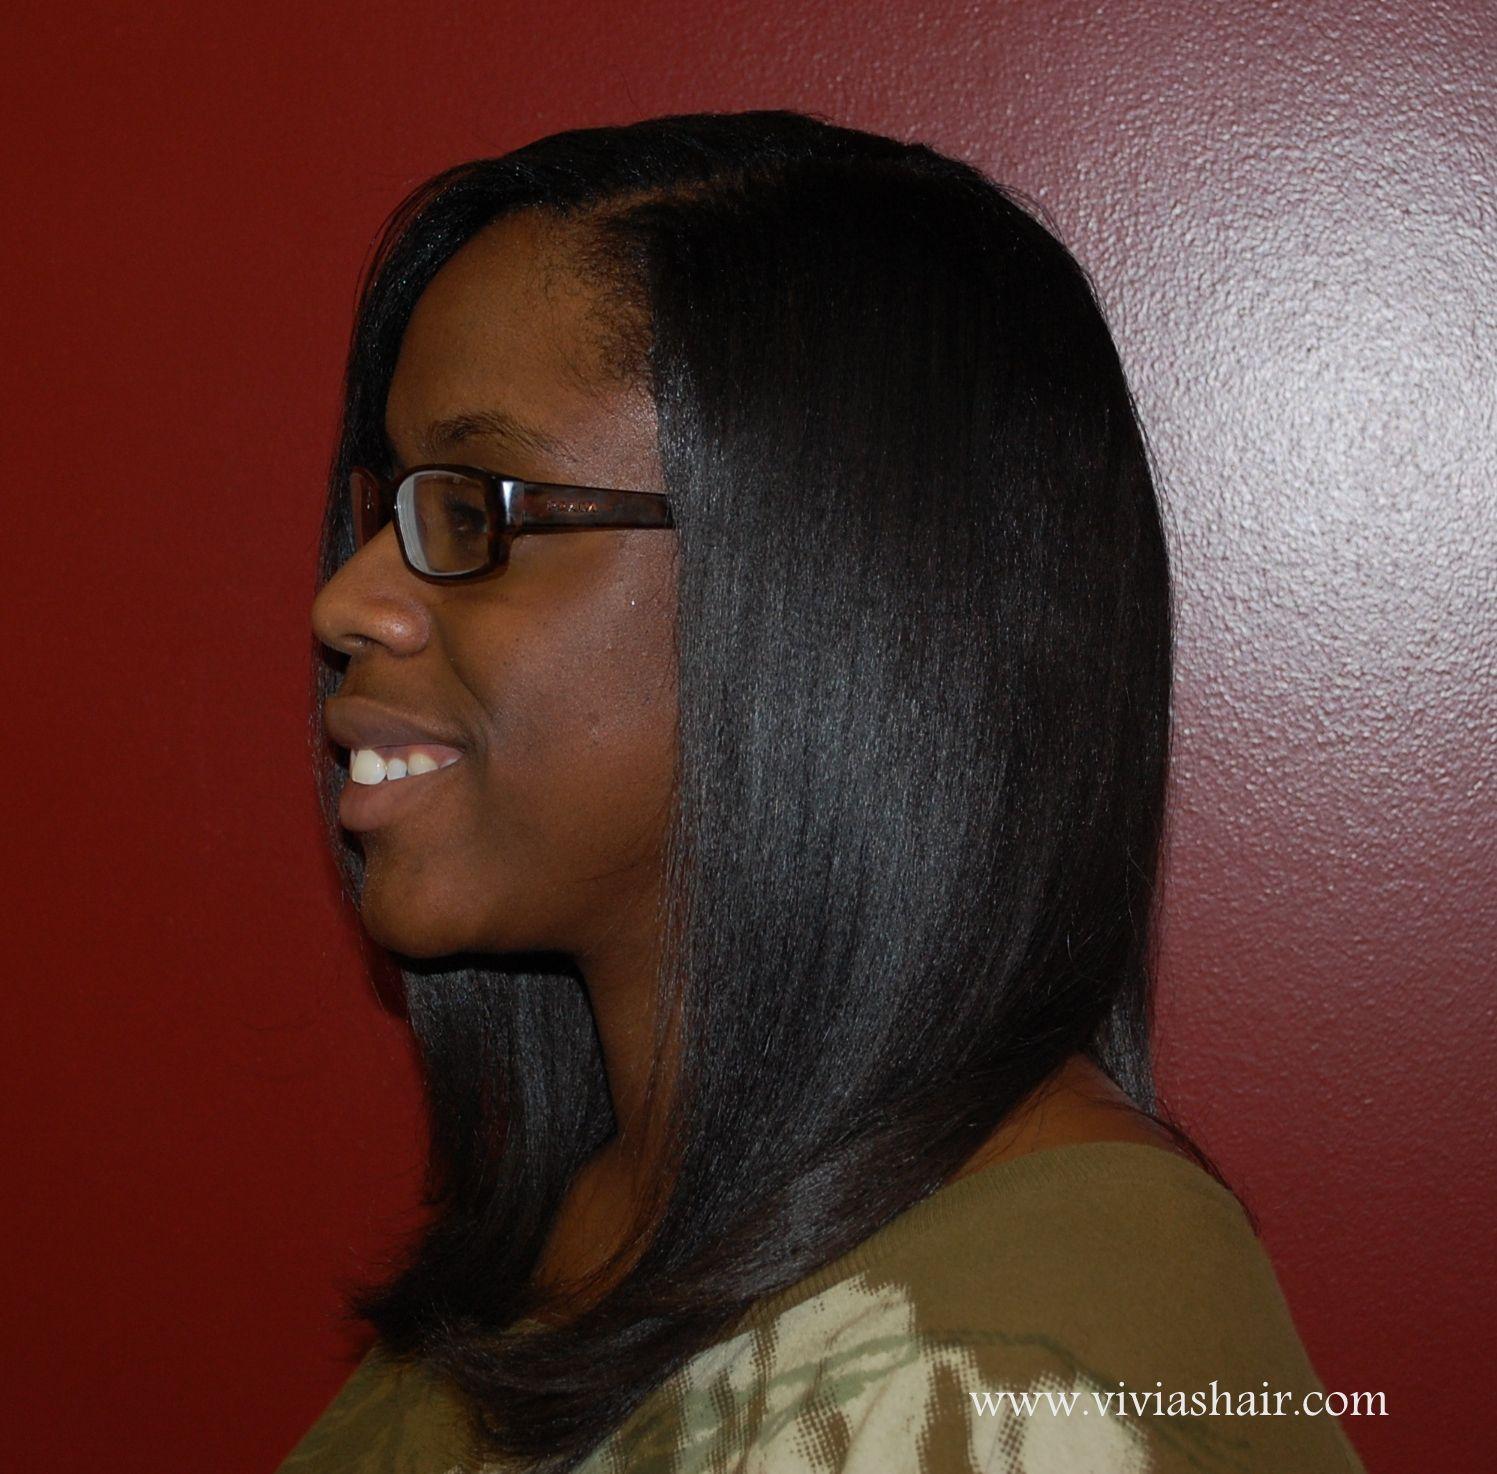 Hair Salon Woodbridge Va Mobile Hair Salon Va Natural Hair Salon